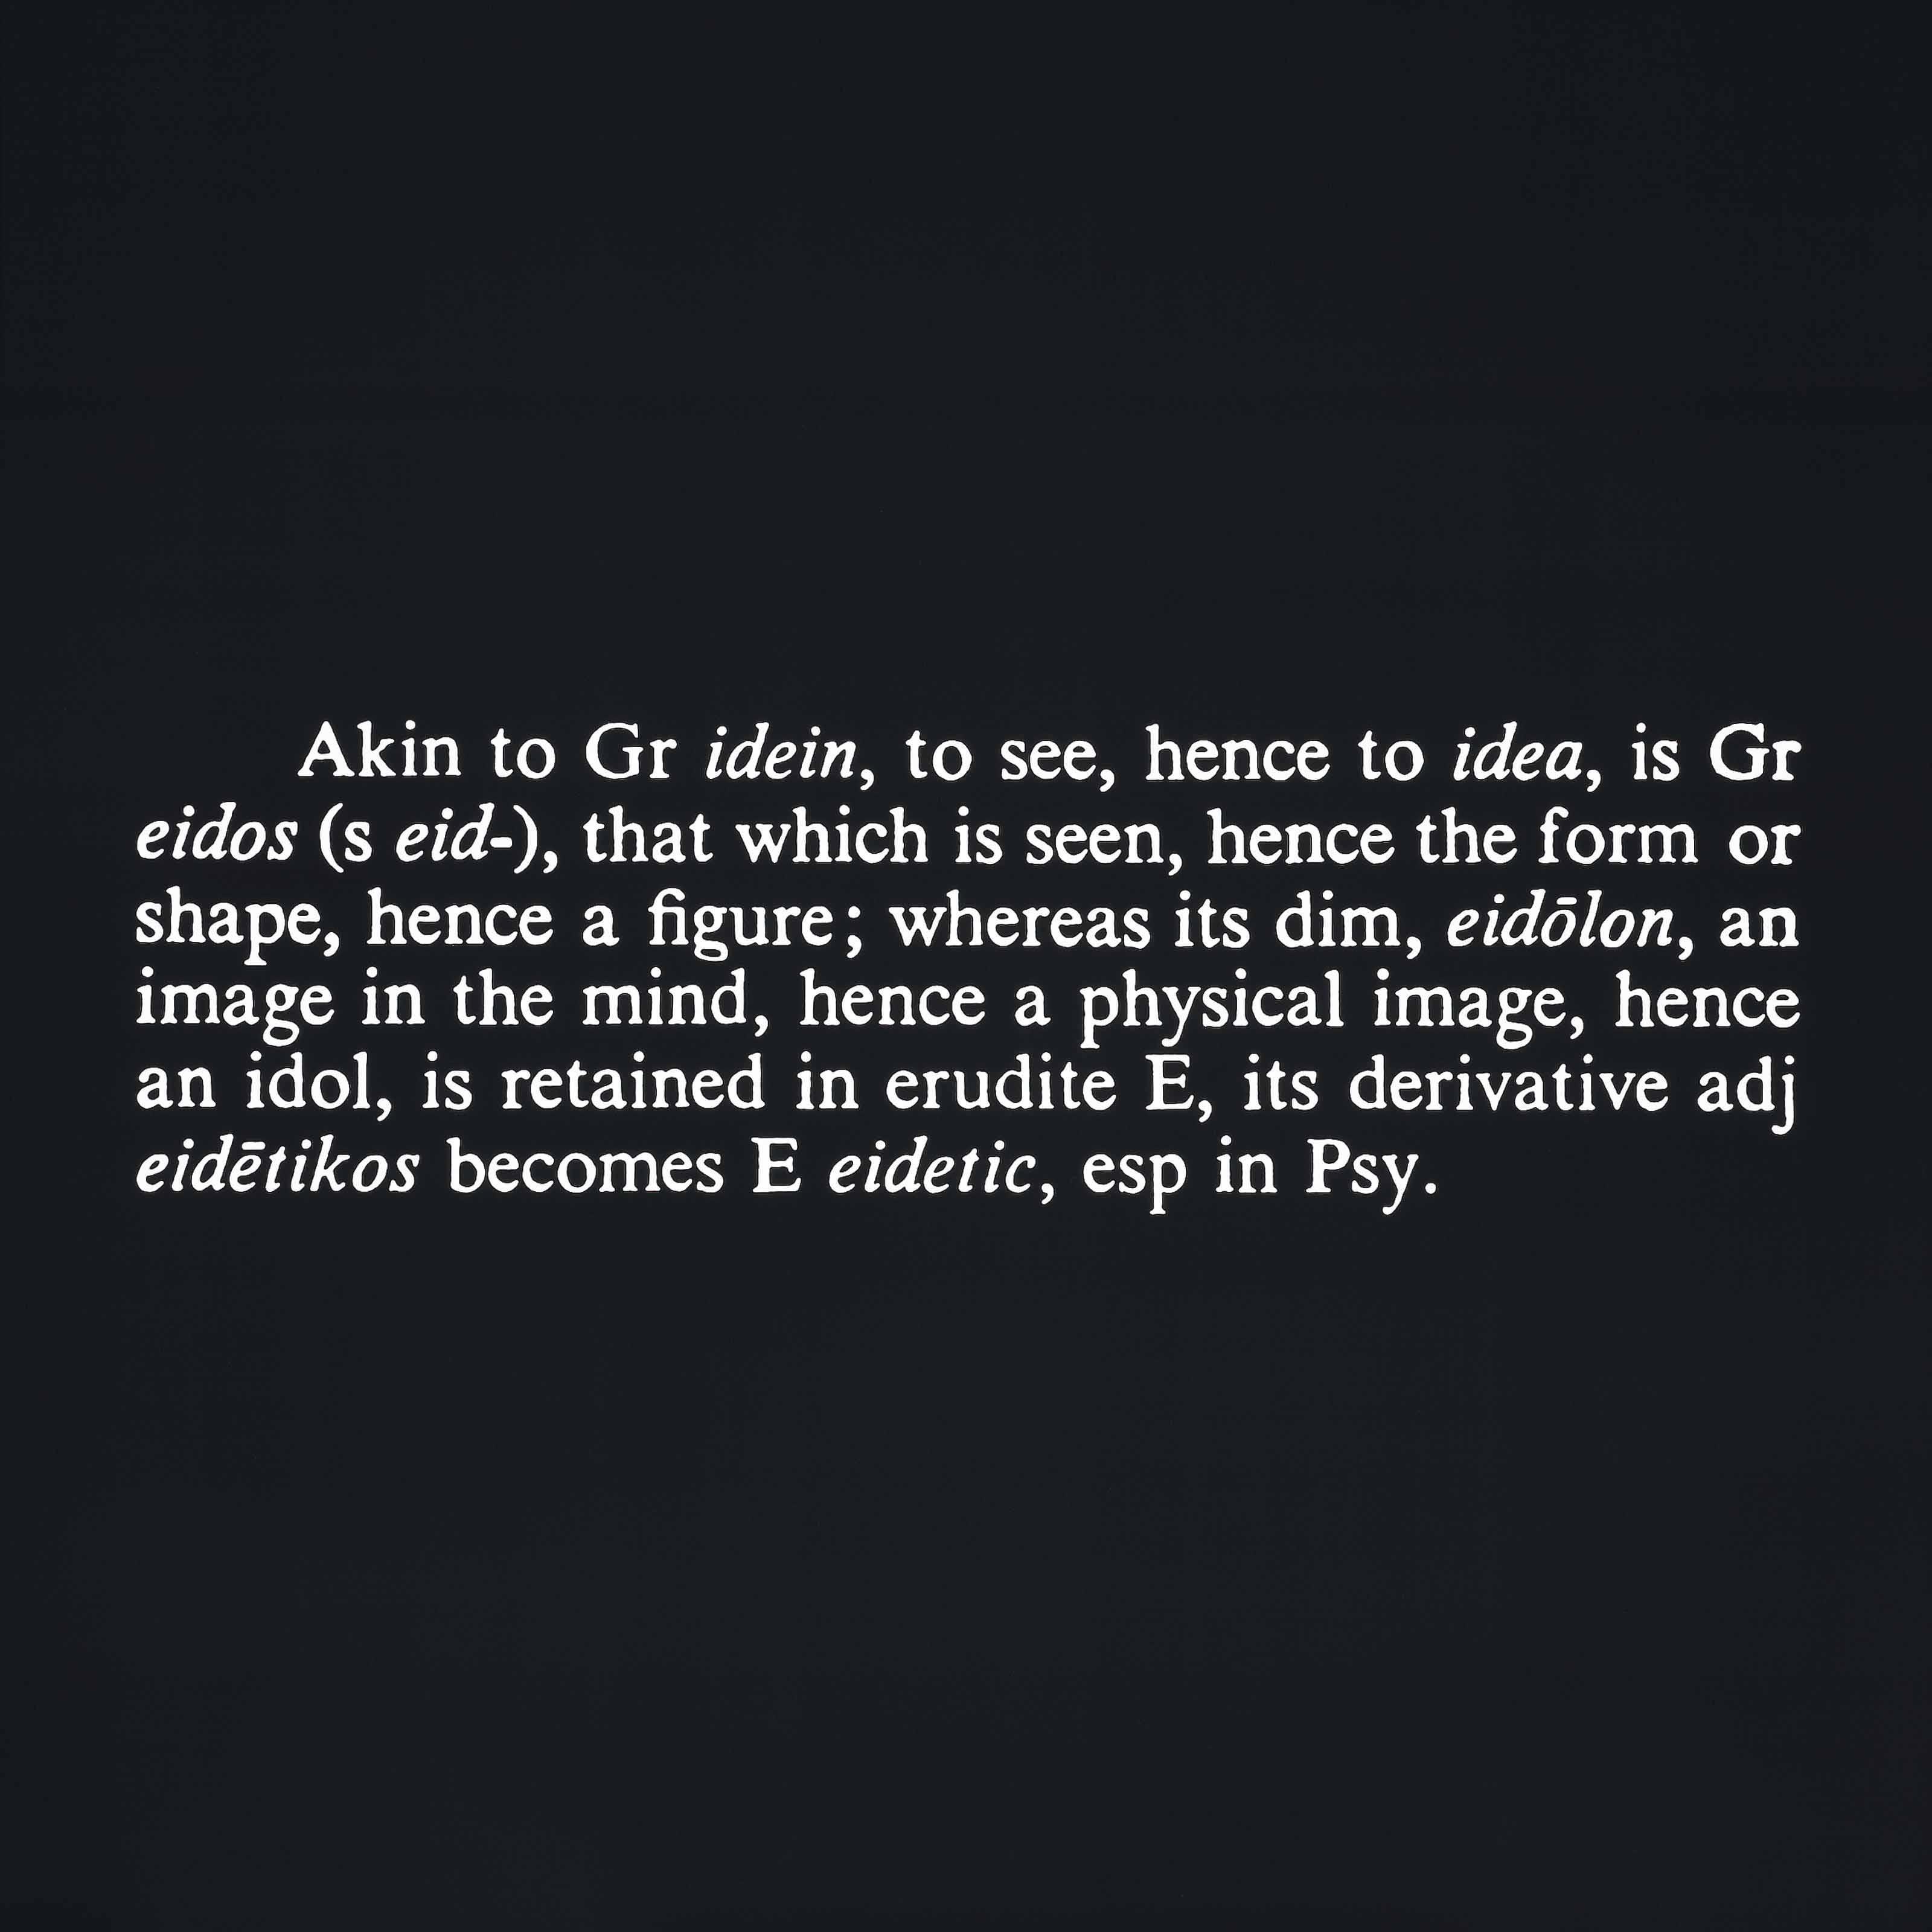 Titled (Art as Idea as Idea) [Akin]